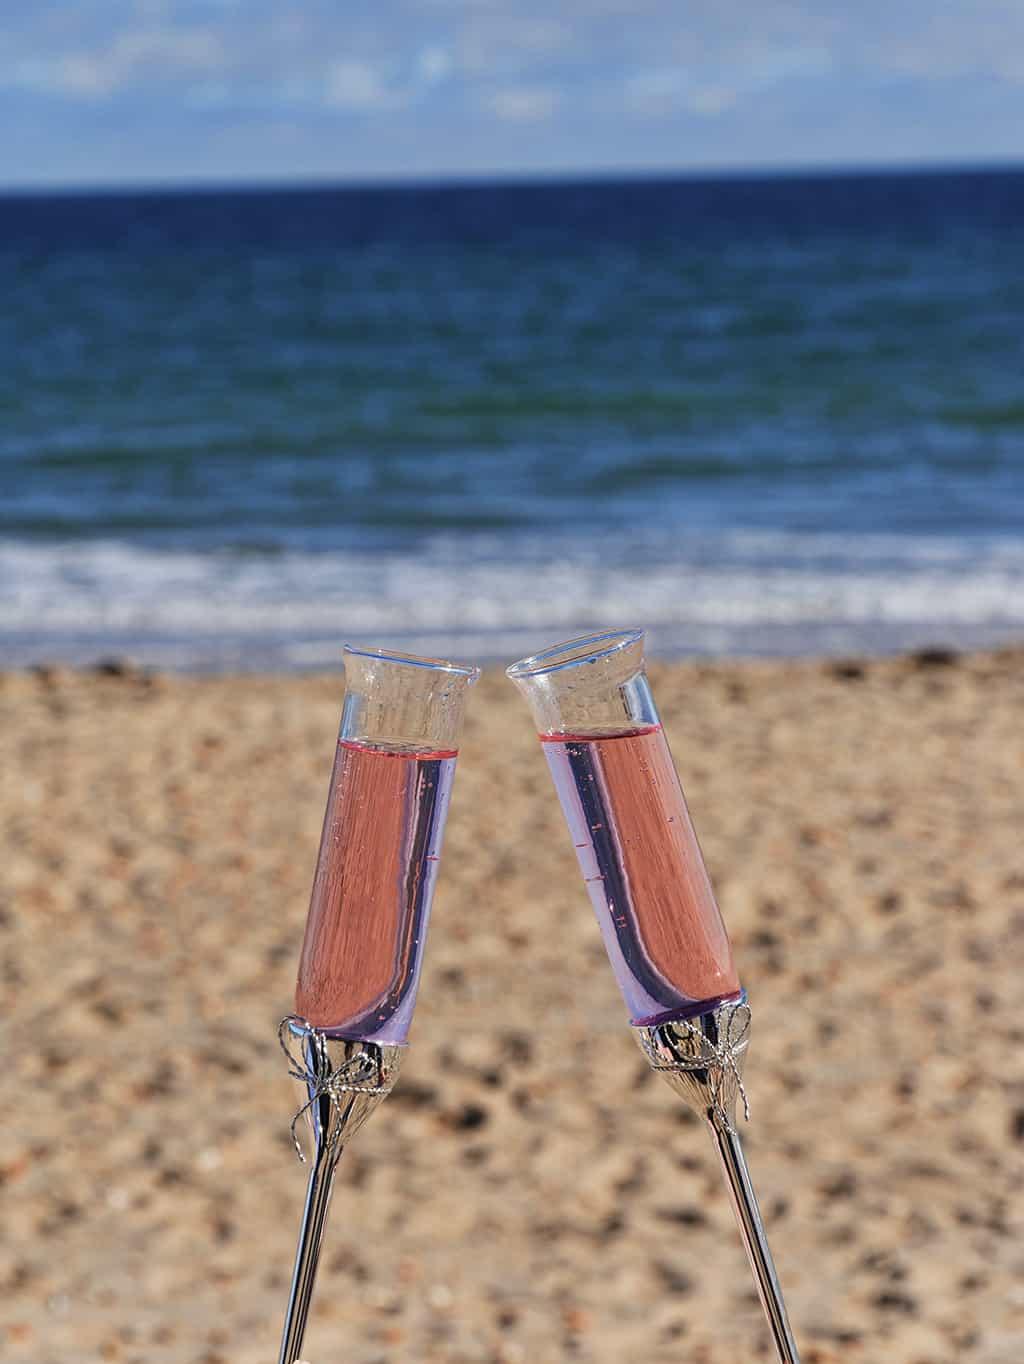 Wedding Gift Etiquette – 6 Tips For Choosing The Best Gift